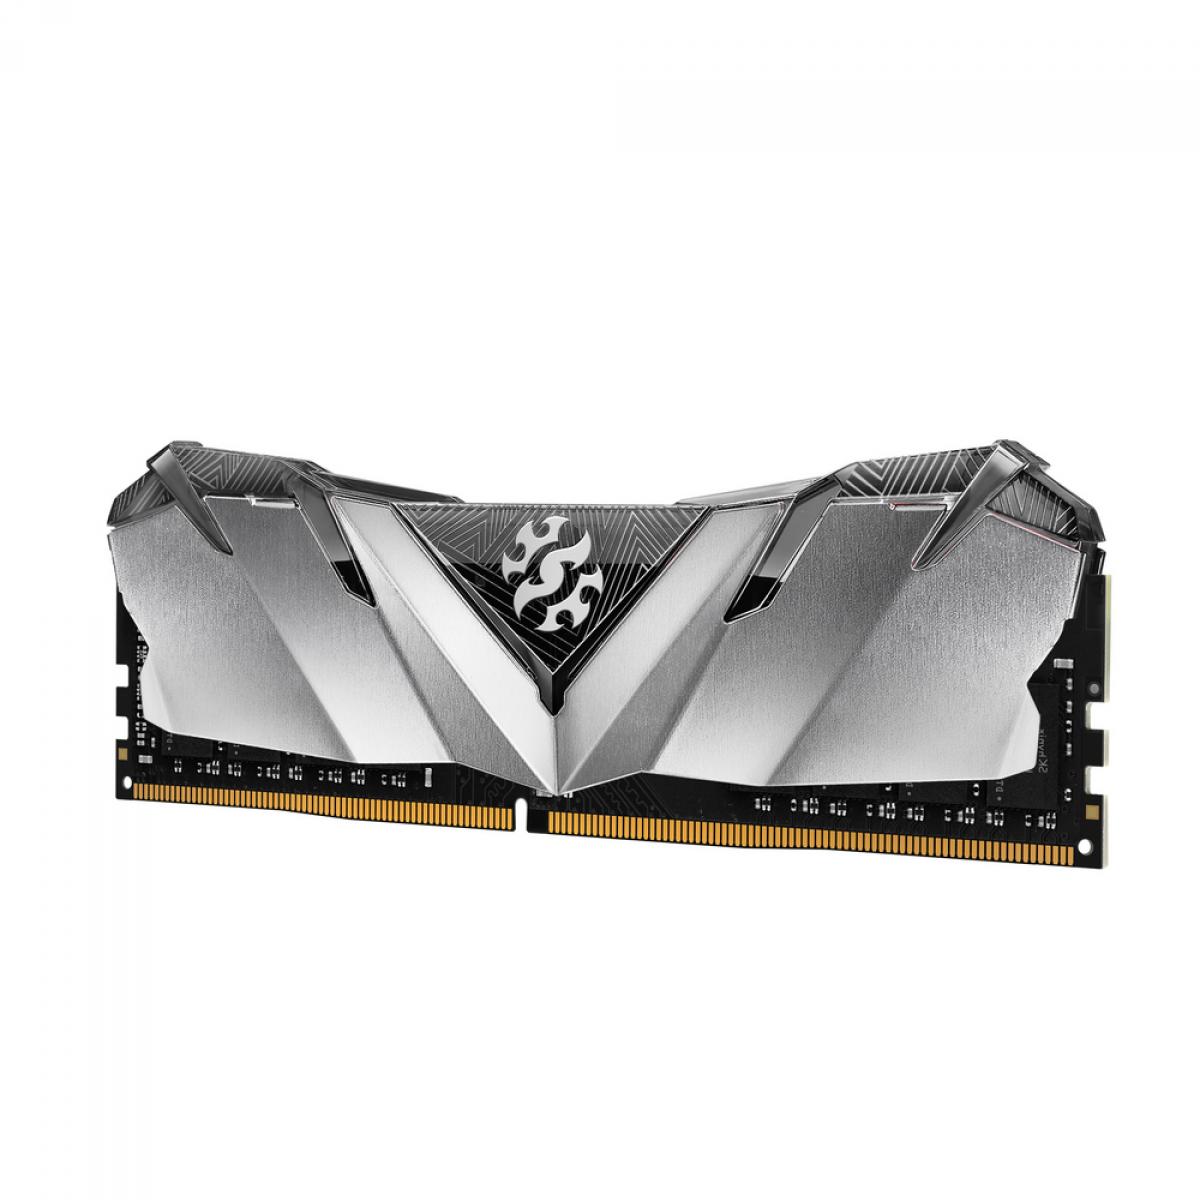 Memória DDR4 XPG Gammix D30, 16GB, 2666Mhz, CL16, Black, AX4U2666716G16-SB30